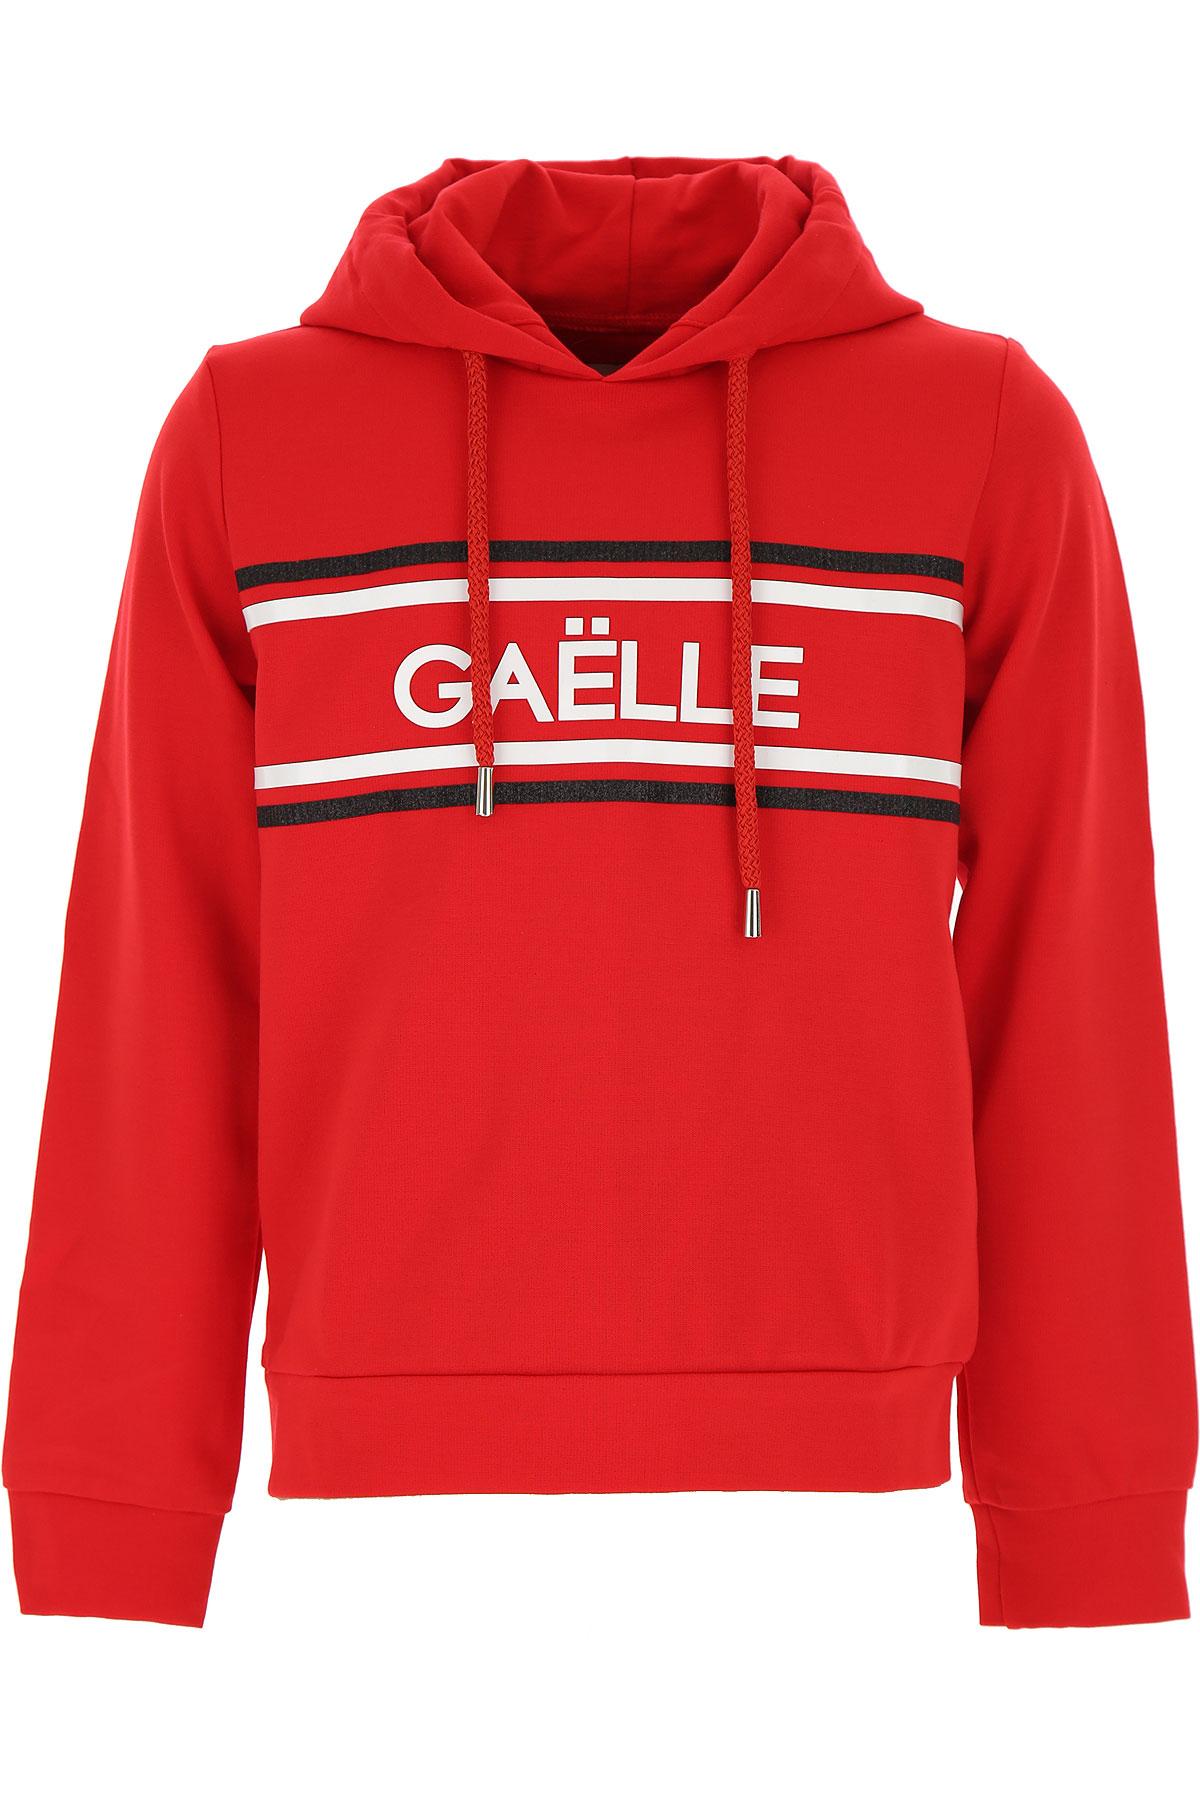 Gaelle Kids Sweatshirts & Hoodies for Girls On Sale, Red, Rayon, 2019, 10Y 12Y 8Y